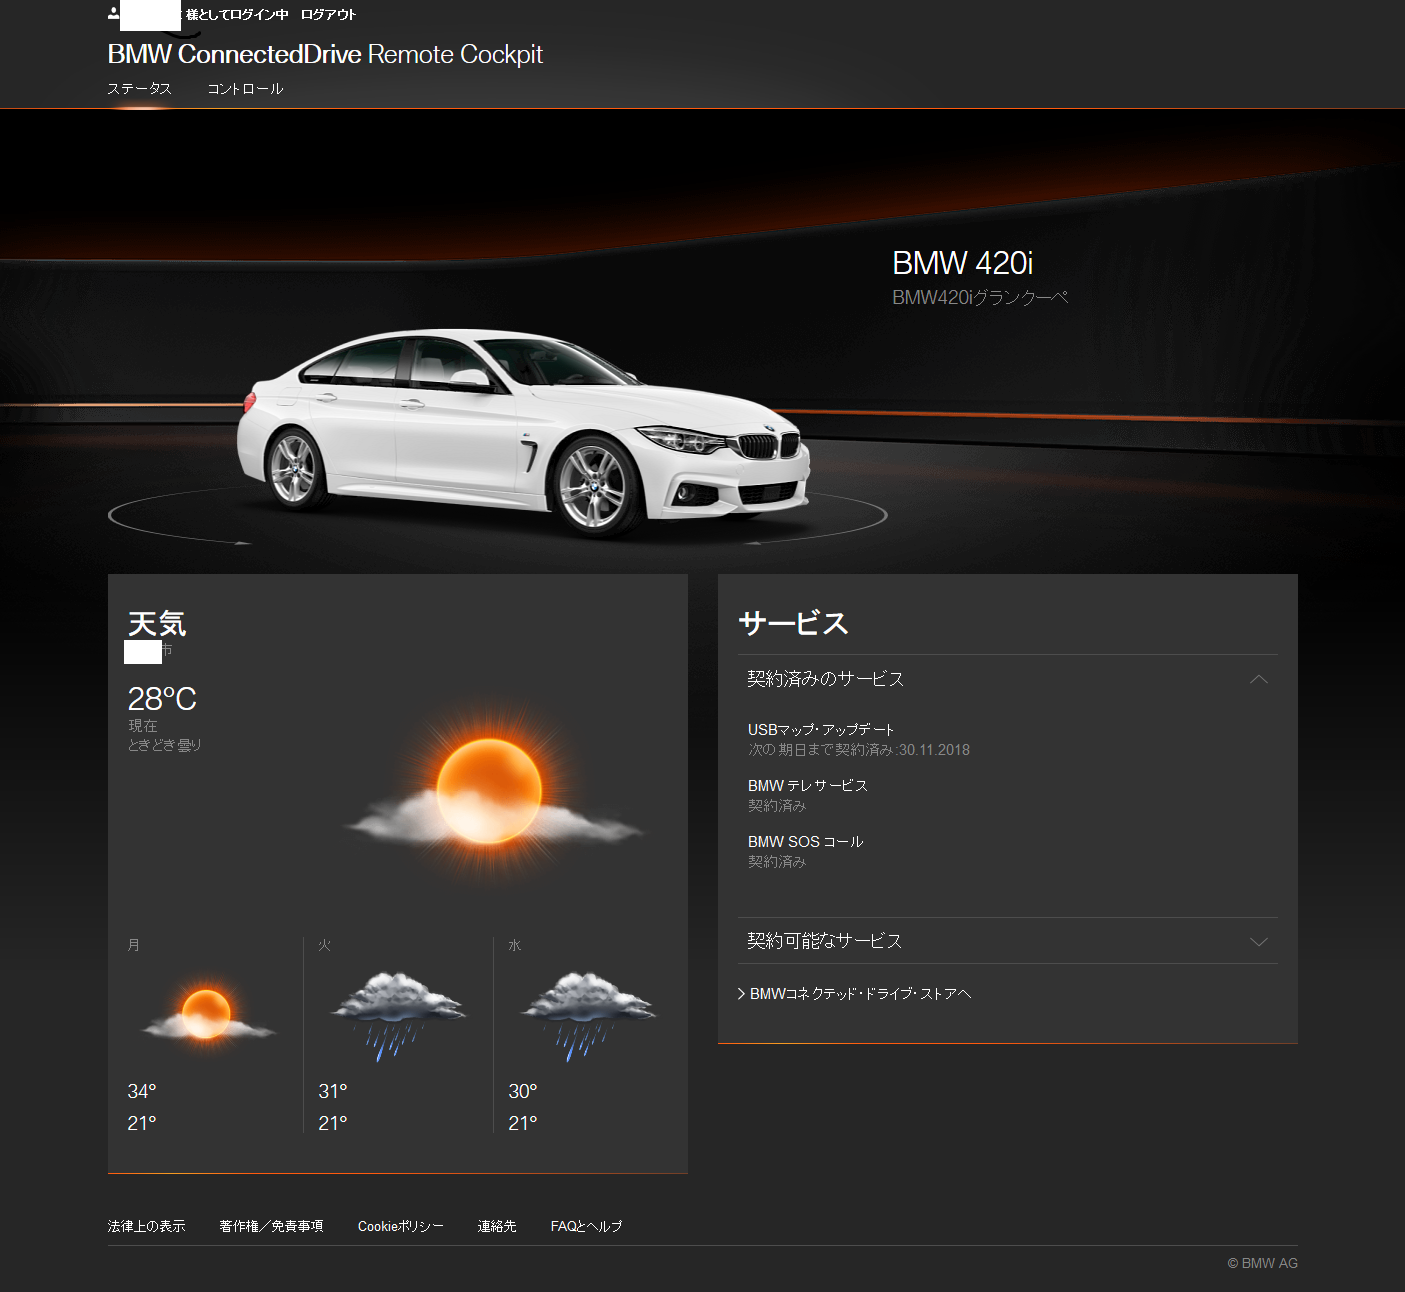 「My BMW ConnectedDrive」の画面がカッコよくなって「BMW ConnectedDrive Remote Cockpit」になってました^^